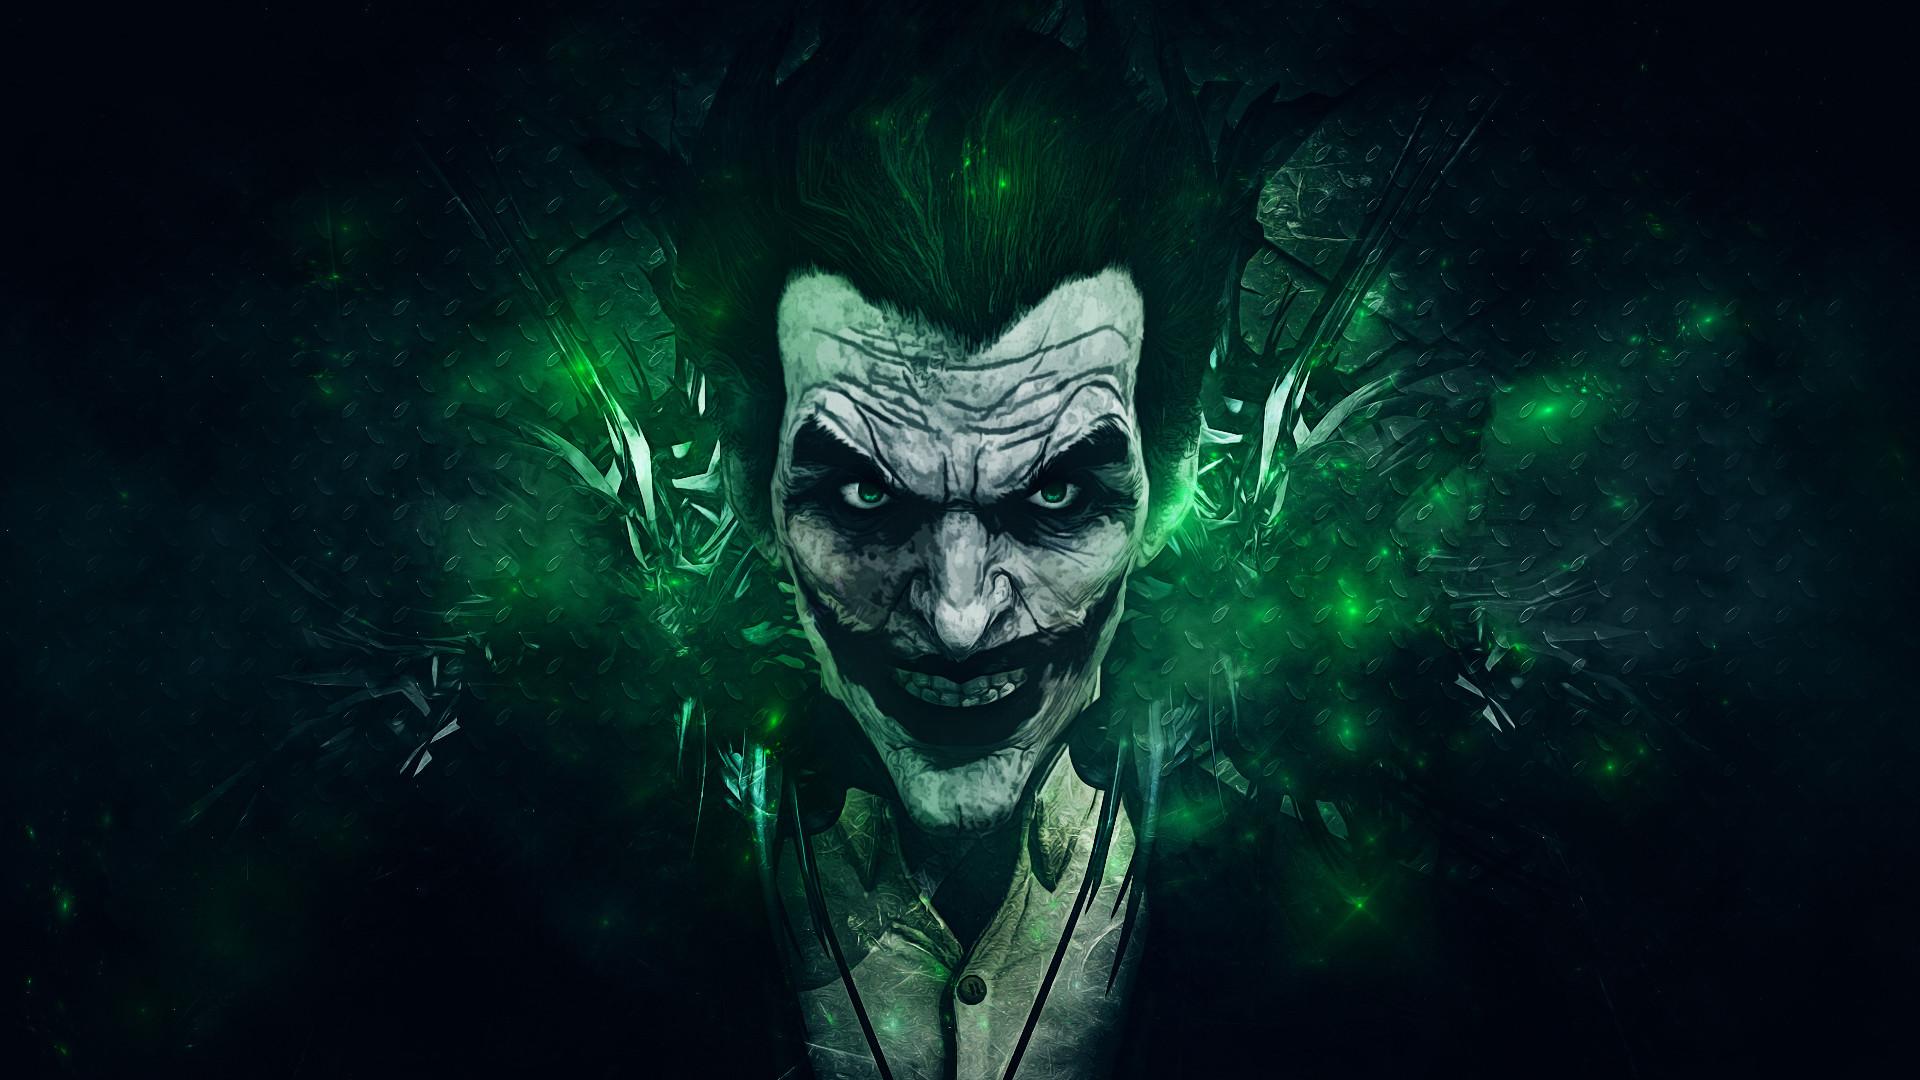 Latest Full HD 1080p Joker Wallpapers HD Desktop Backgrounds .